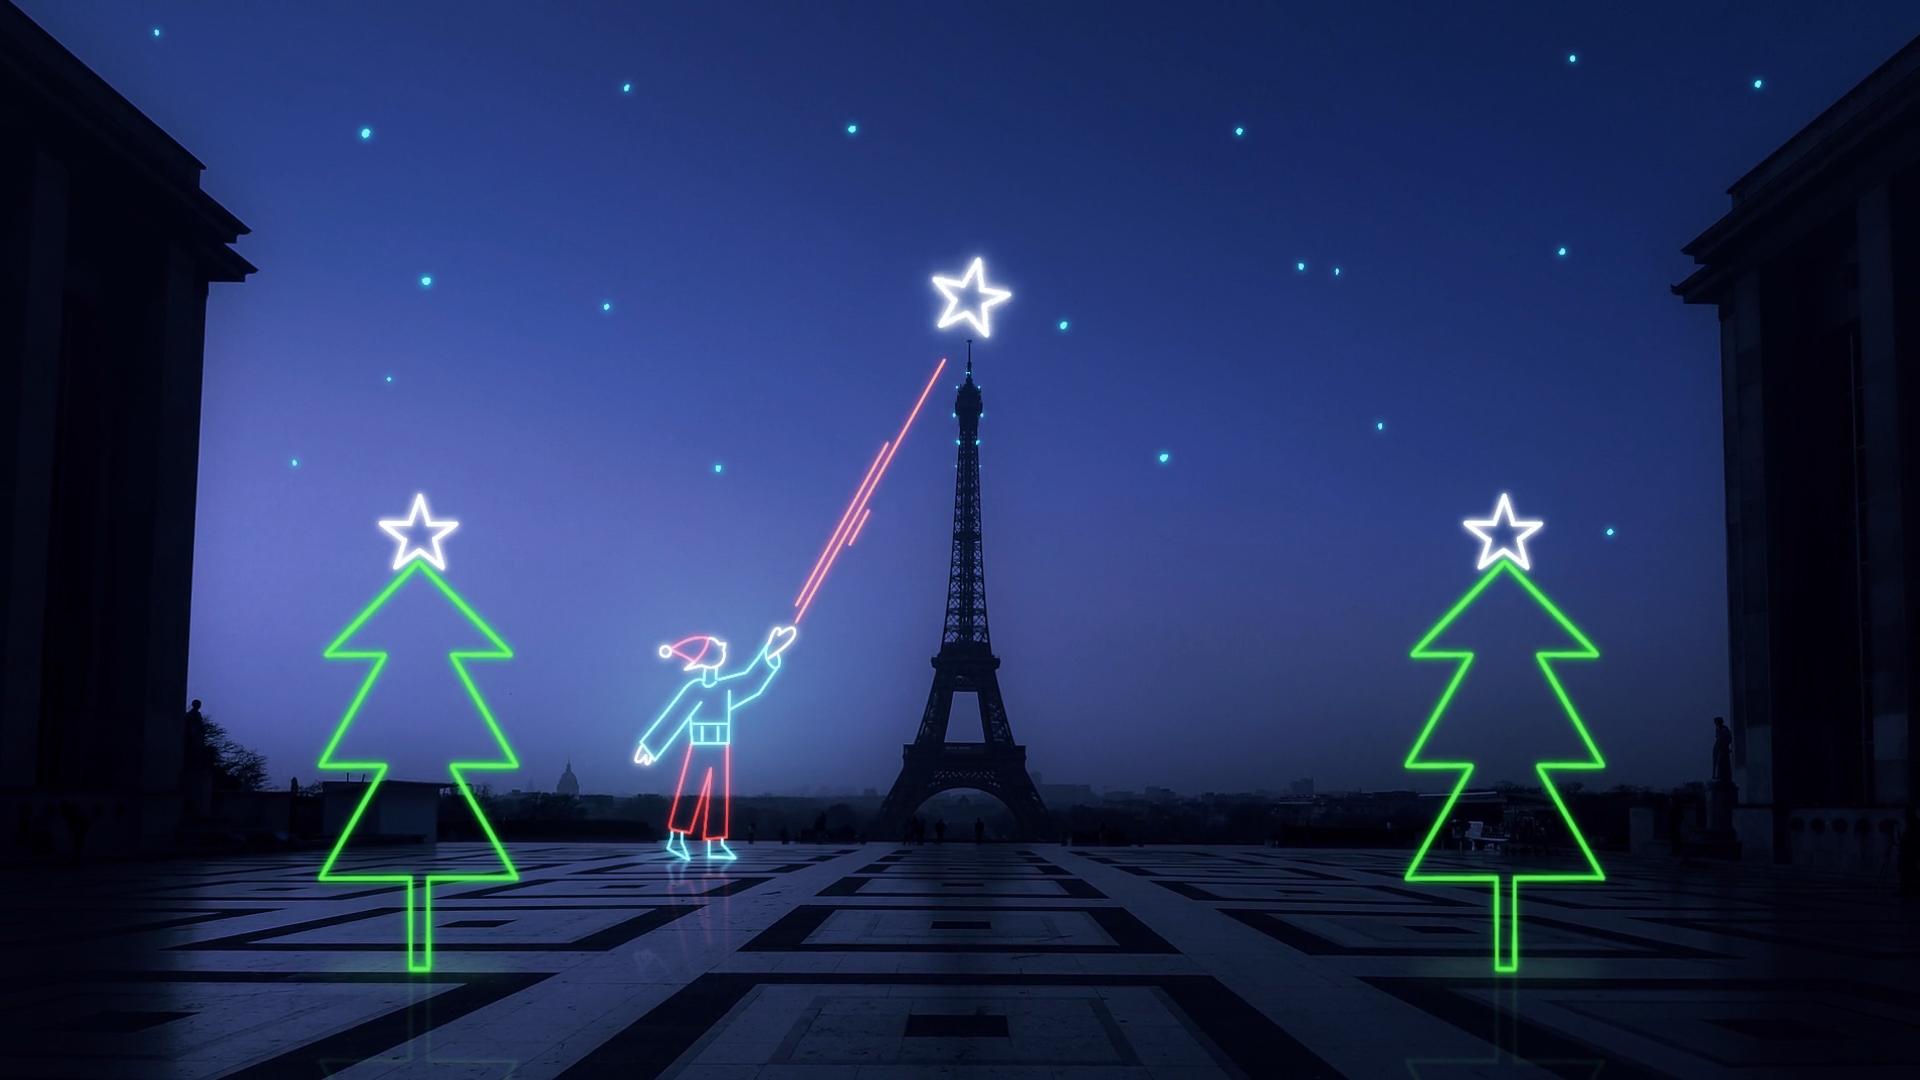 Illustration of neon child near Eiffel Tower